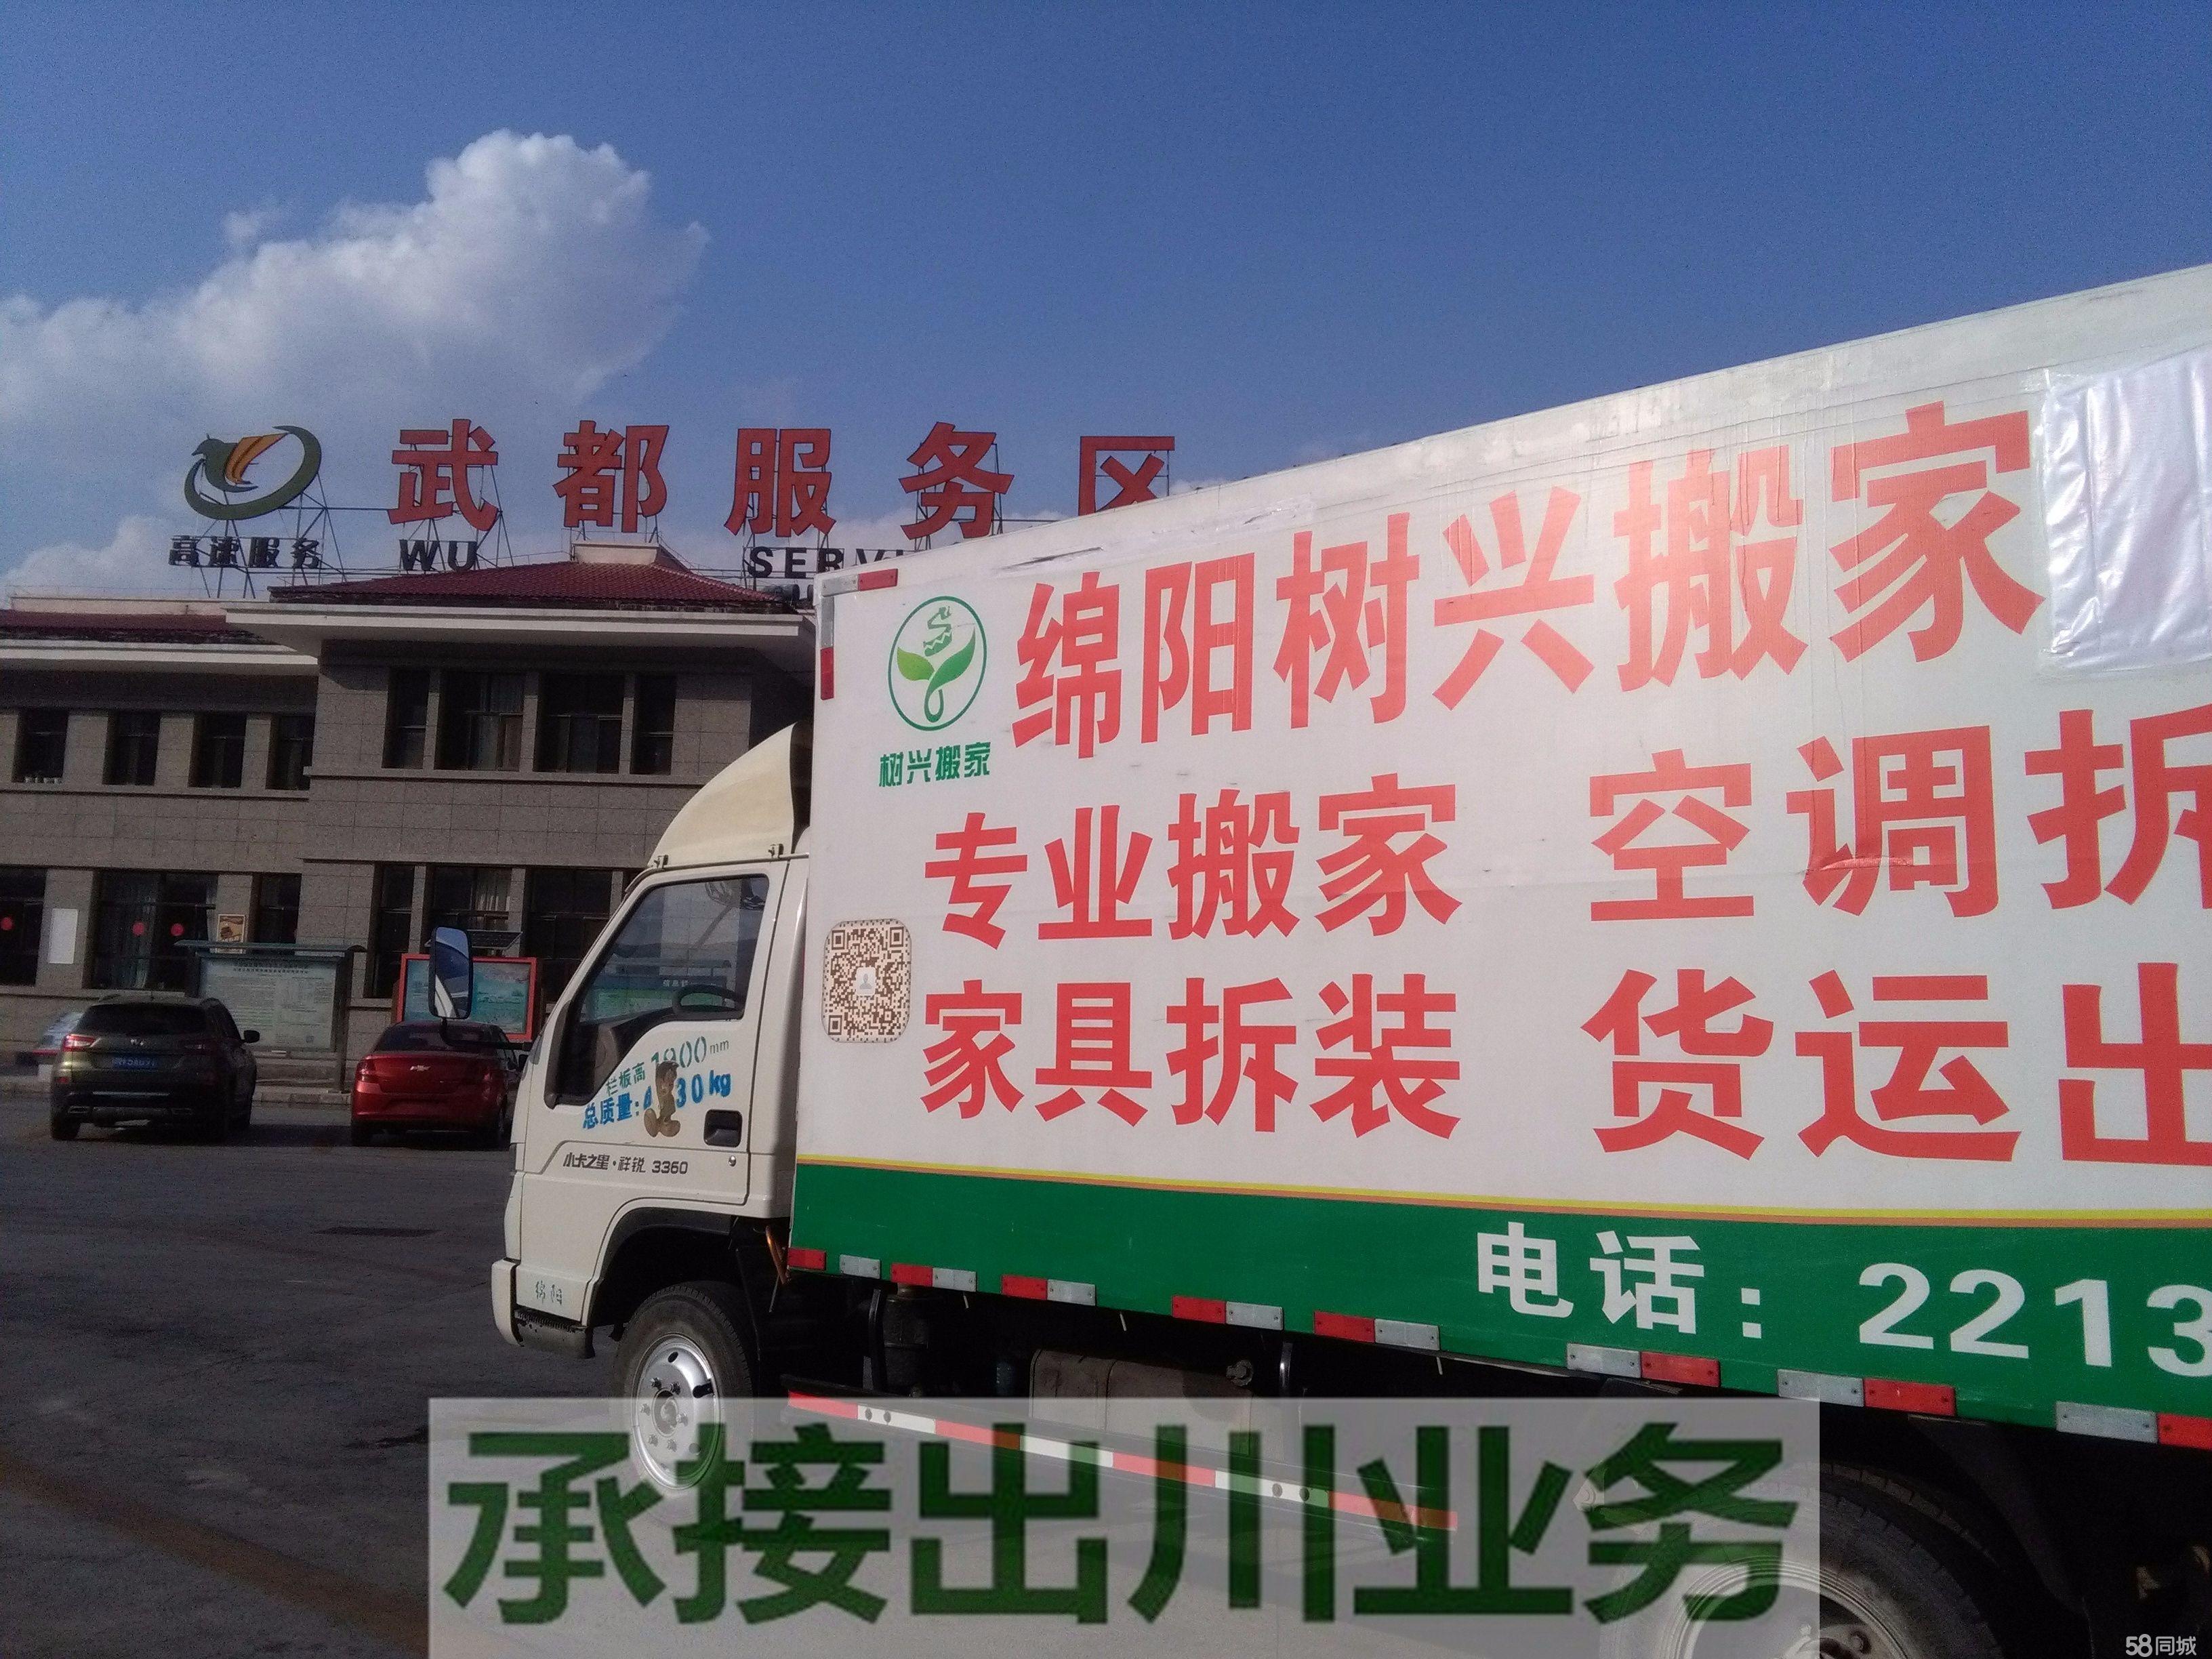 绵阳树兴搬家公司,长途货运搬家搬场,电话24h畅通